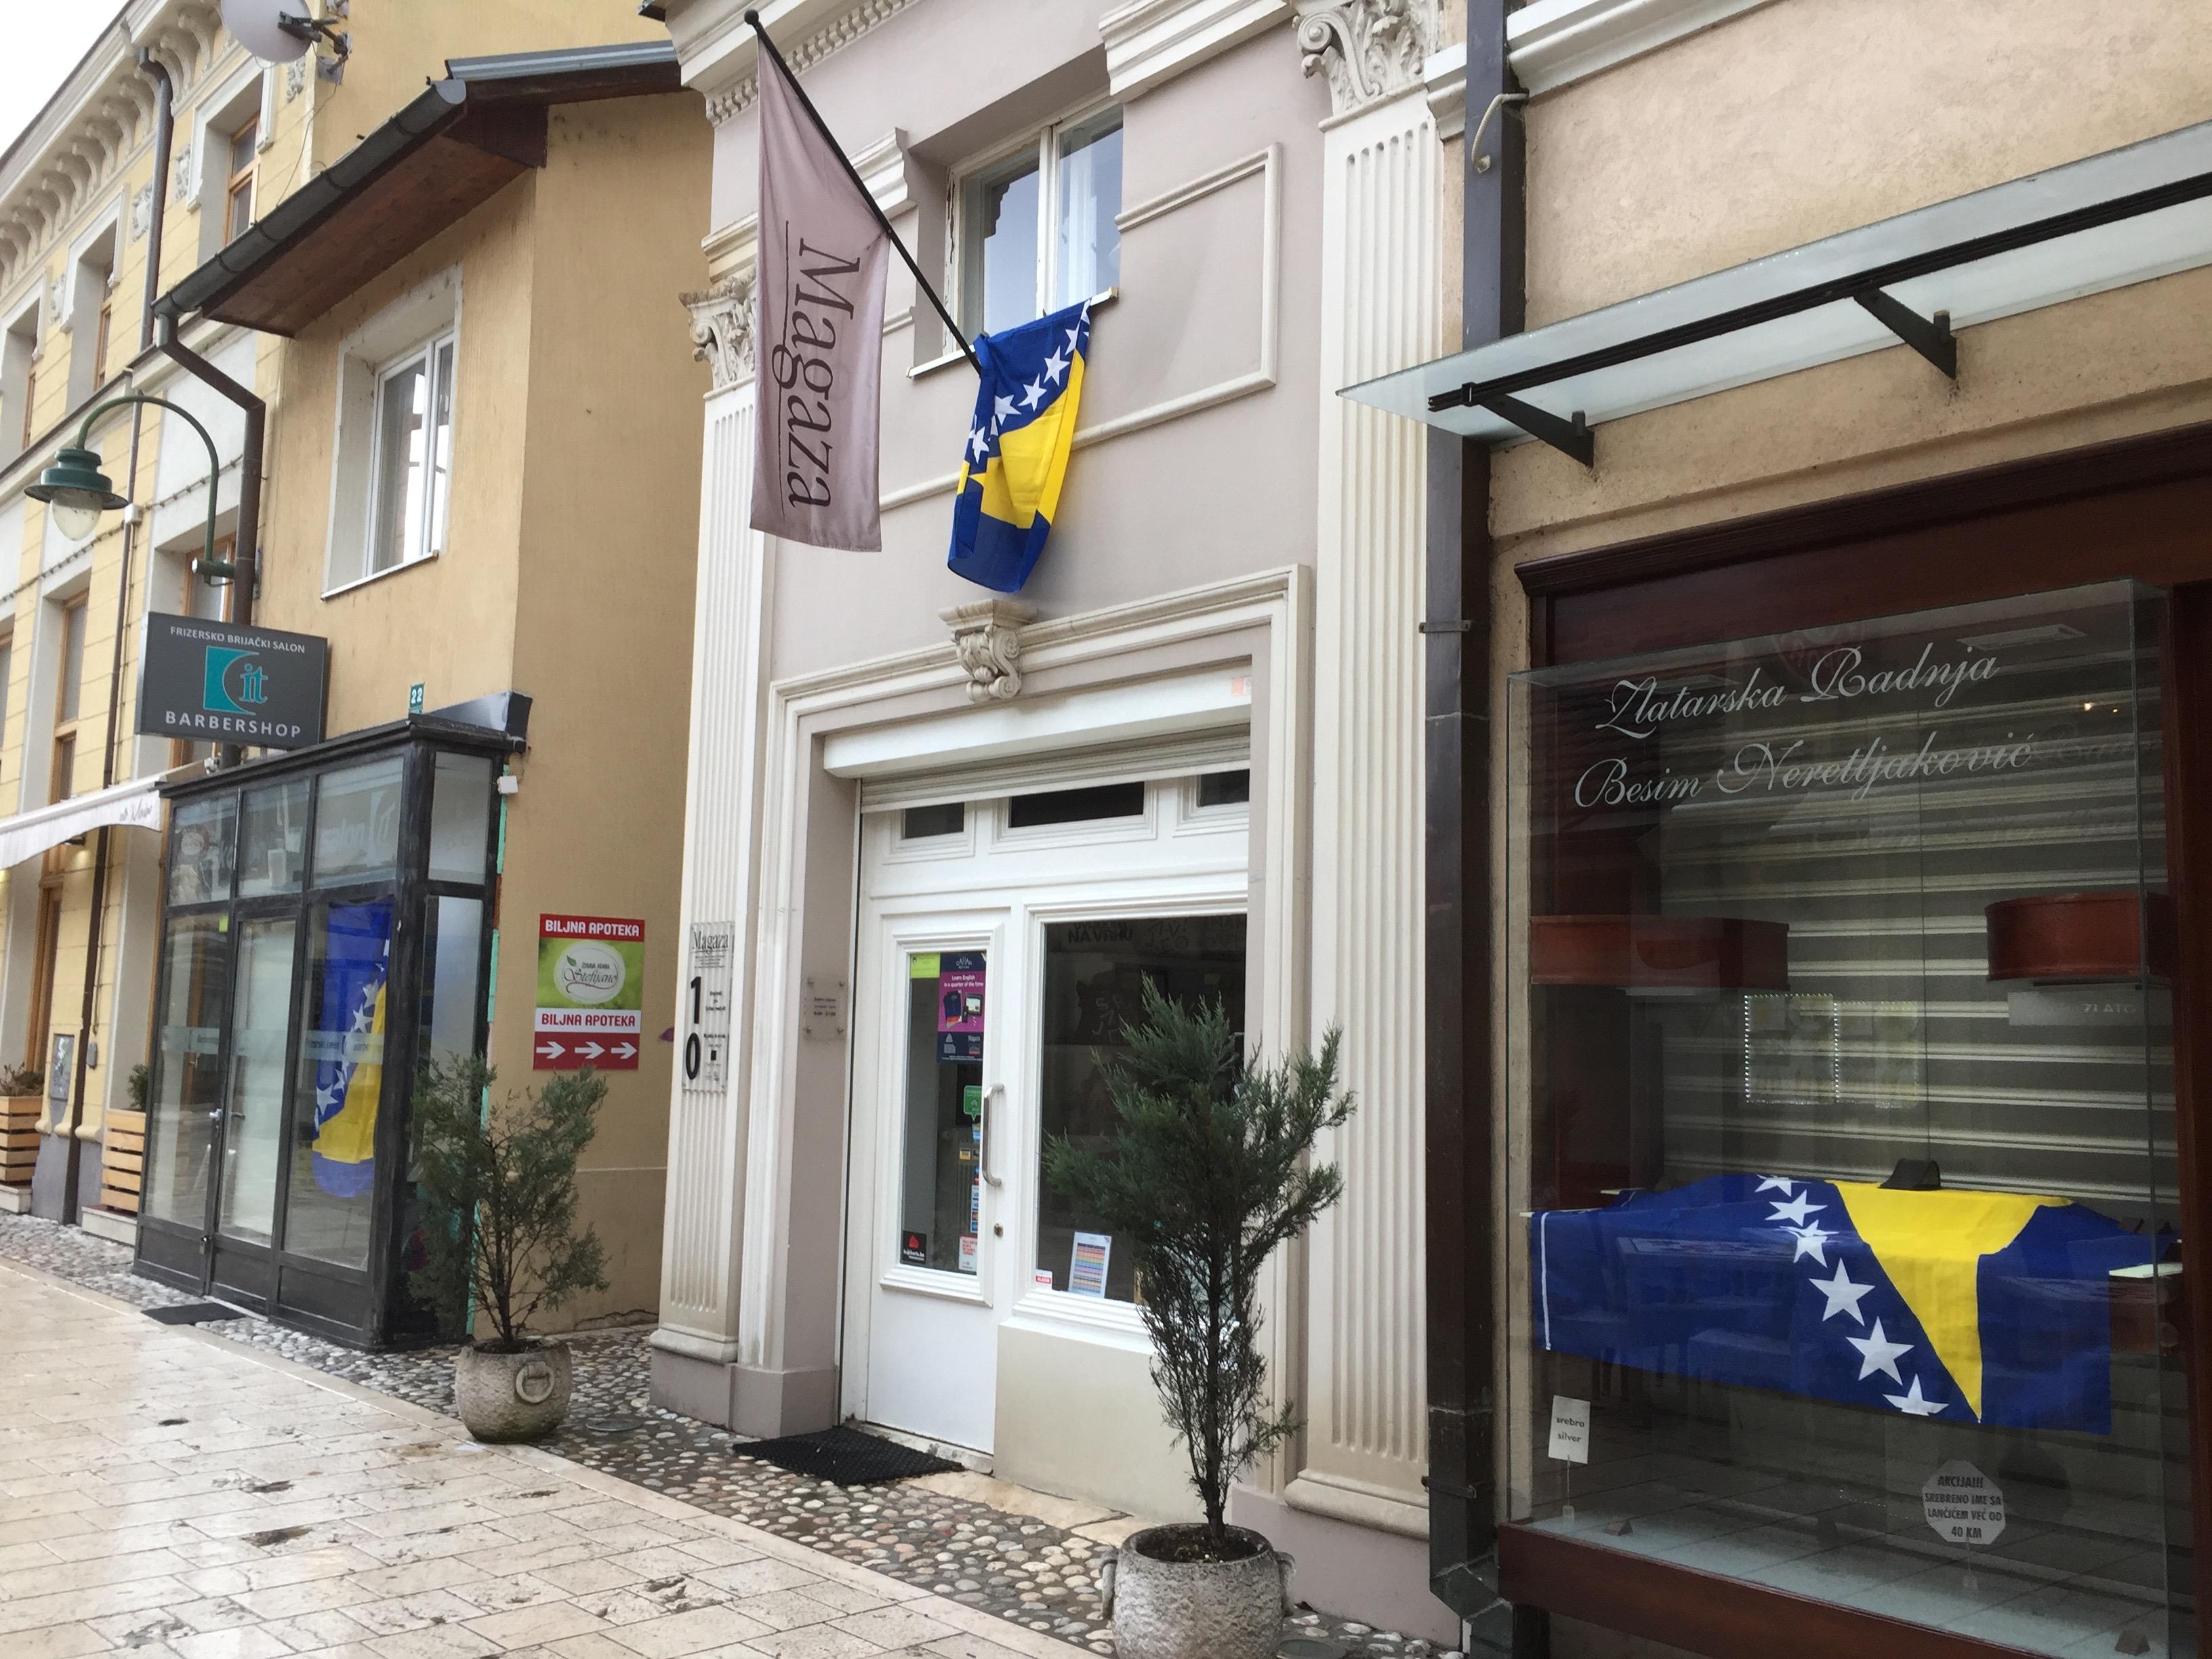 ボスニアヘルツェゴビナの独立記念日で閉めている店